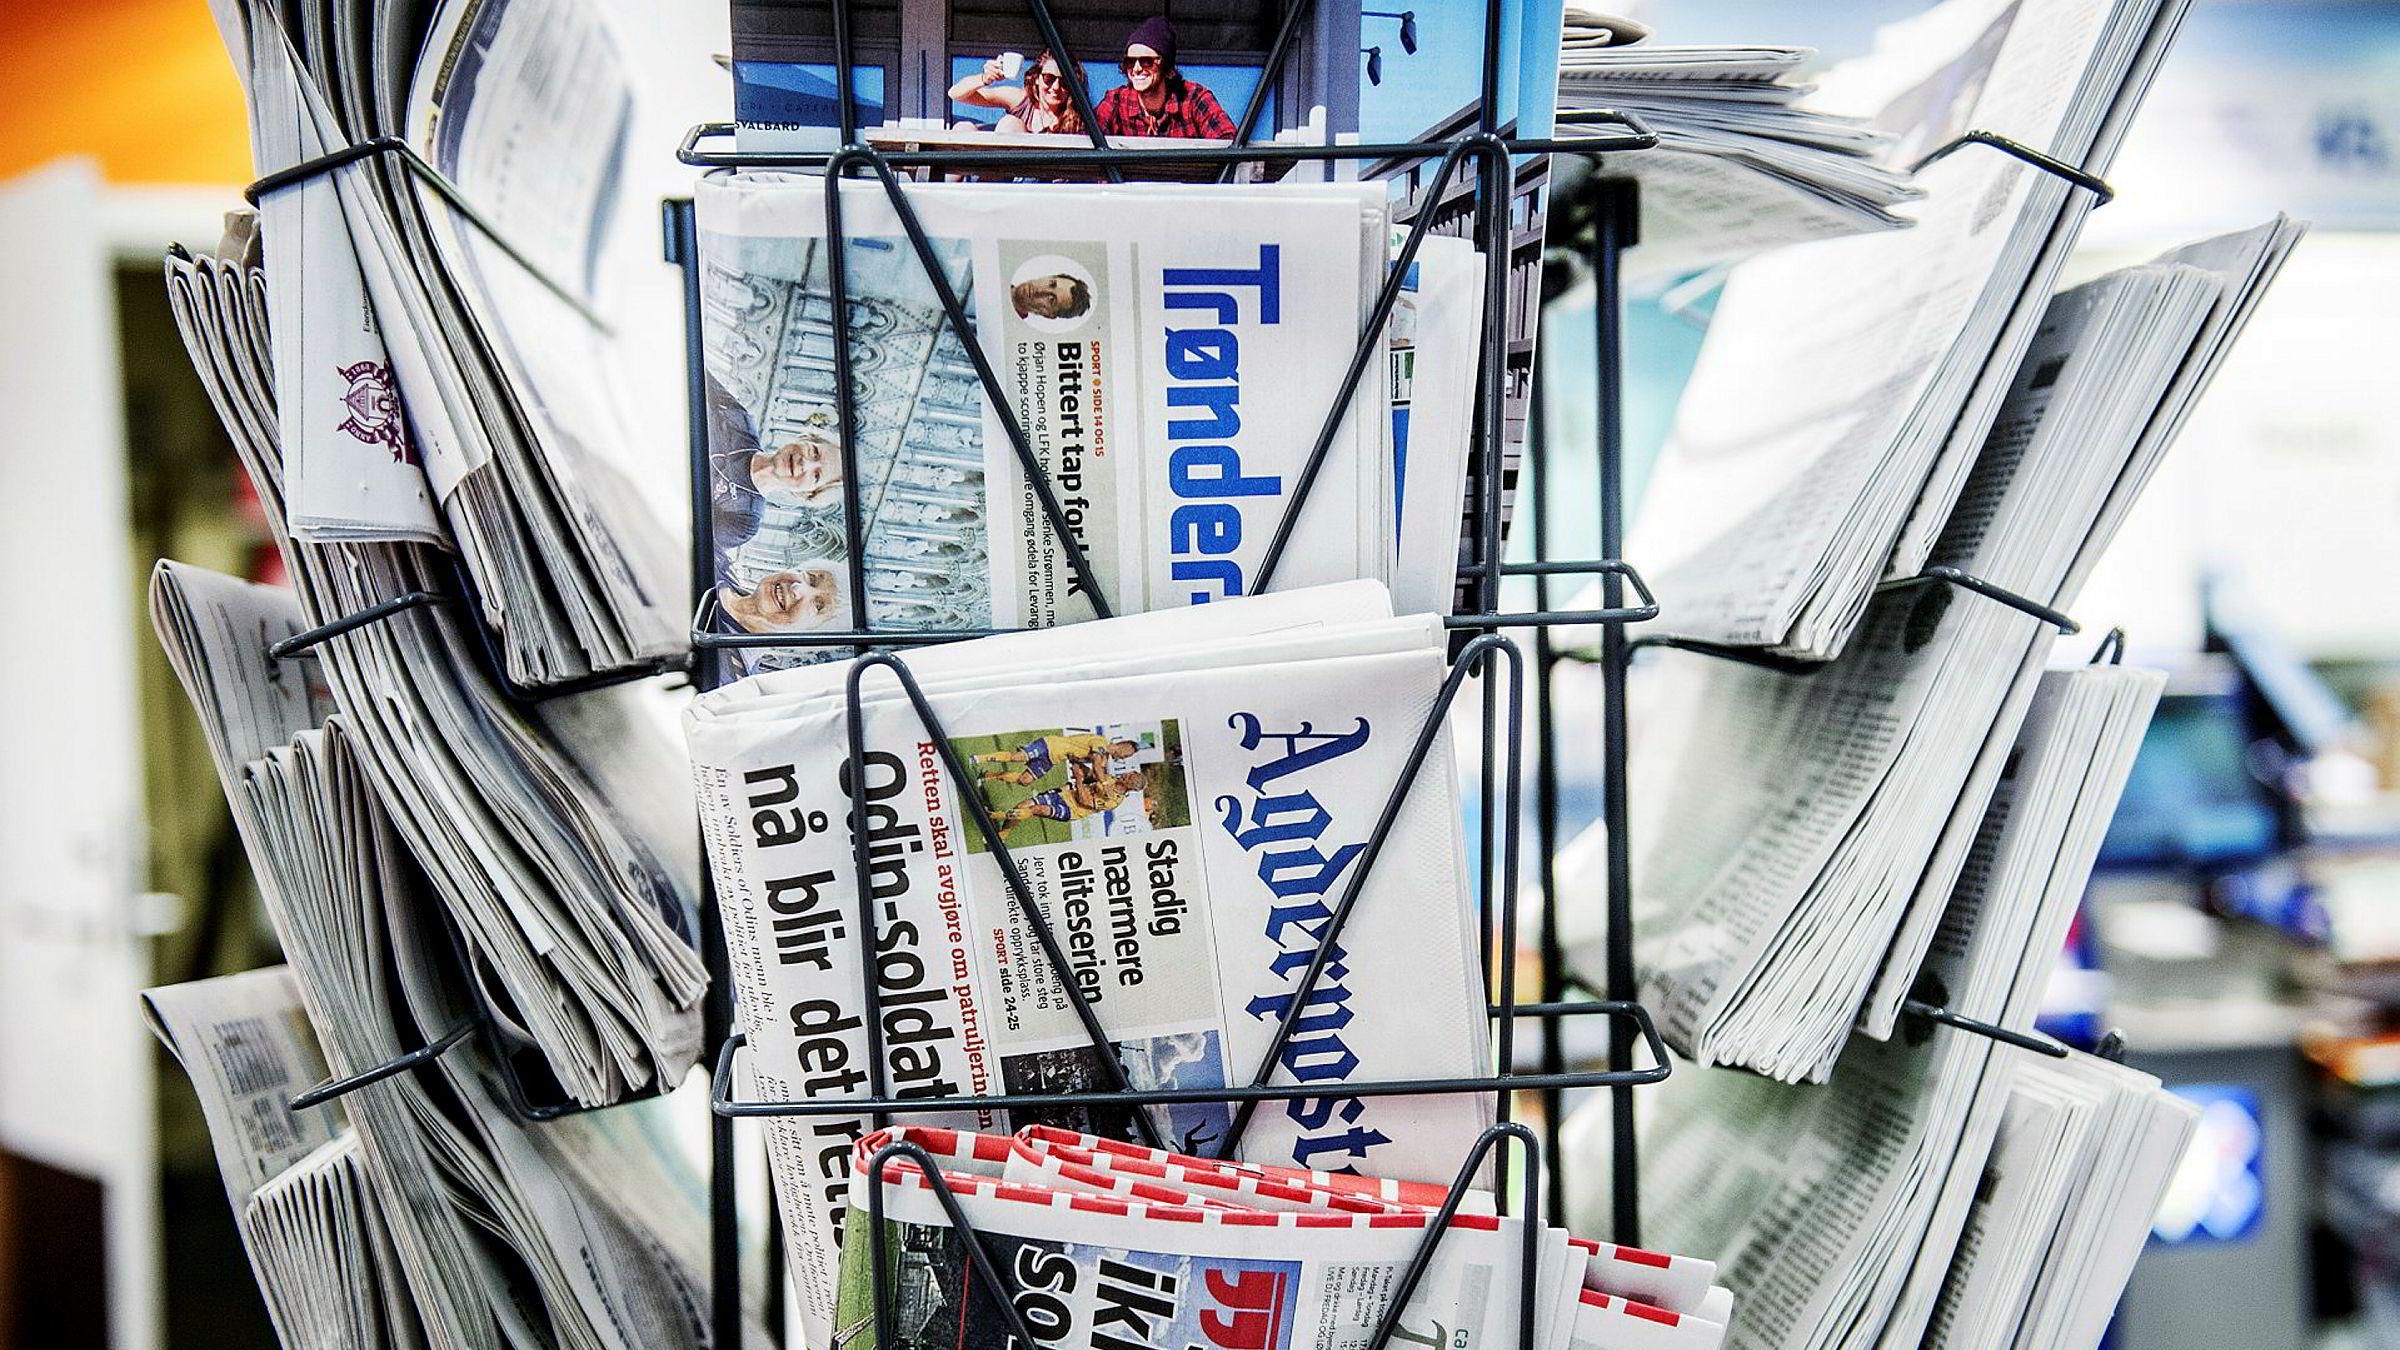 De kommersielle mediene har skåret ned utgiftssiden i flere år for å ta hensyn til inntektsfall på annonsesiden som følge av digitaliseringen. Derfor er permitteringene vi ser nå kritiske, skriver Ole Erik Almlid og Randi Øgrey i innlegget.